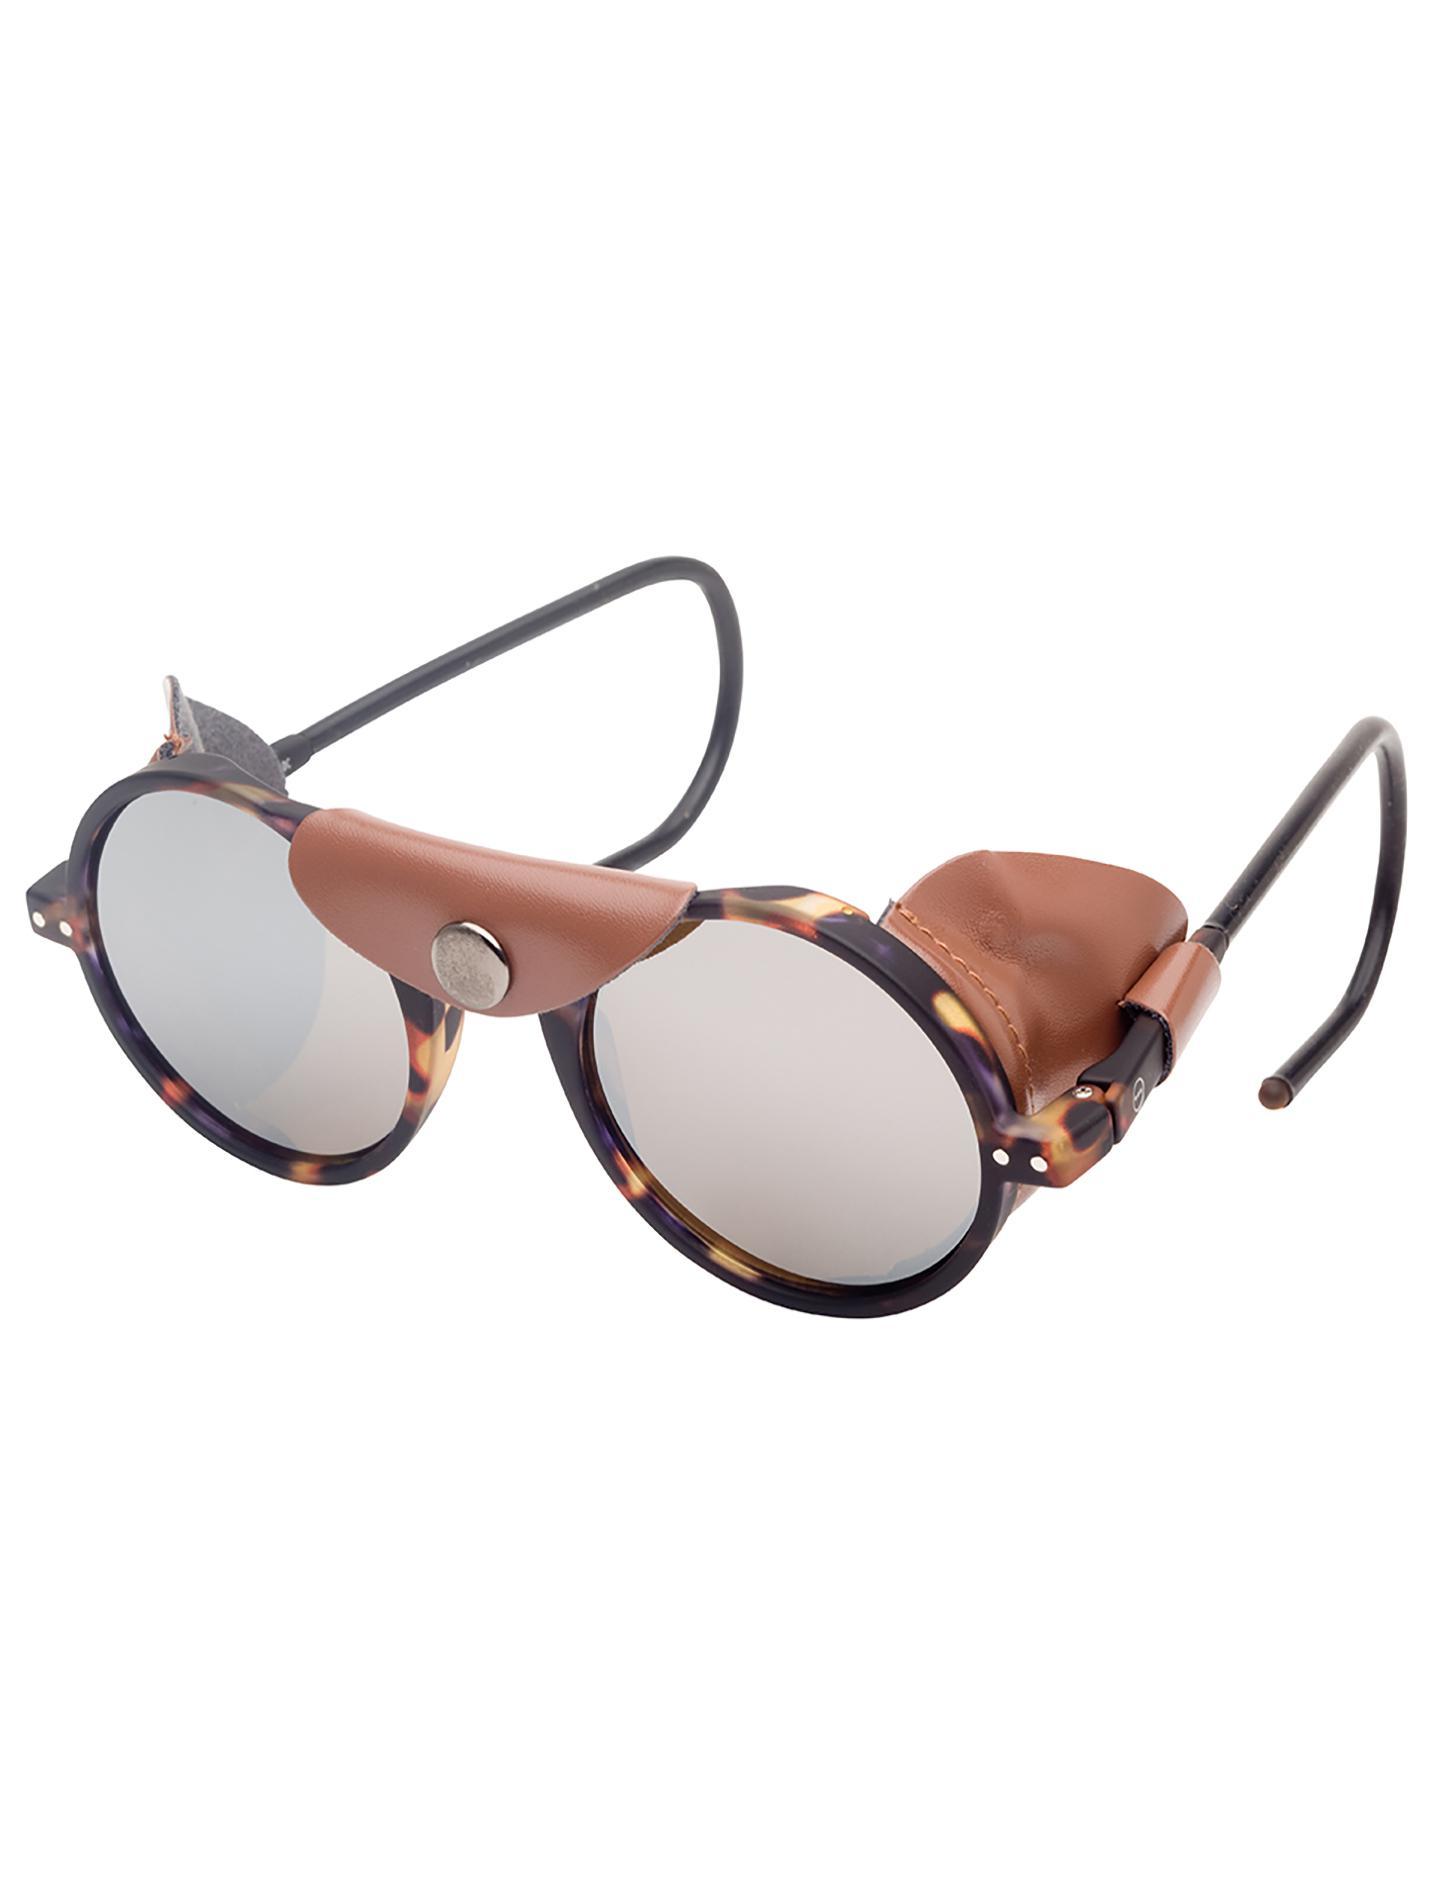 2b4e53f4f27 Alternative Apparel. Women s Izipizi Sun Glacier Glasses